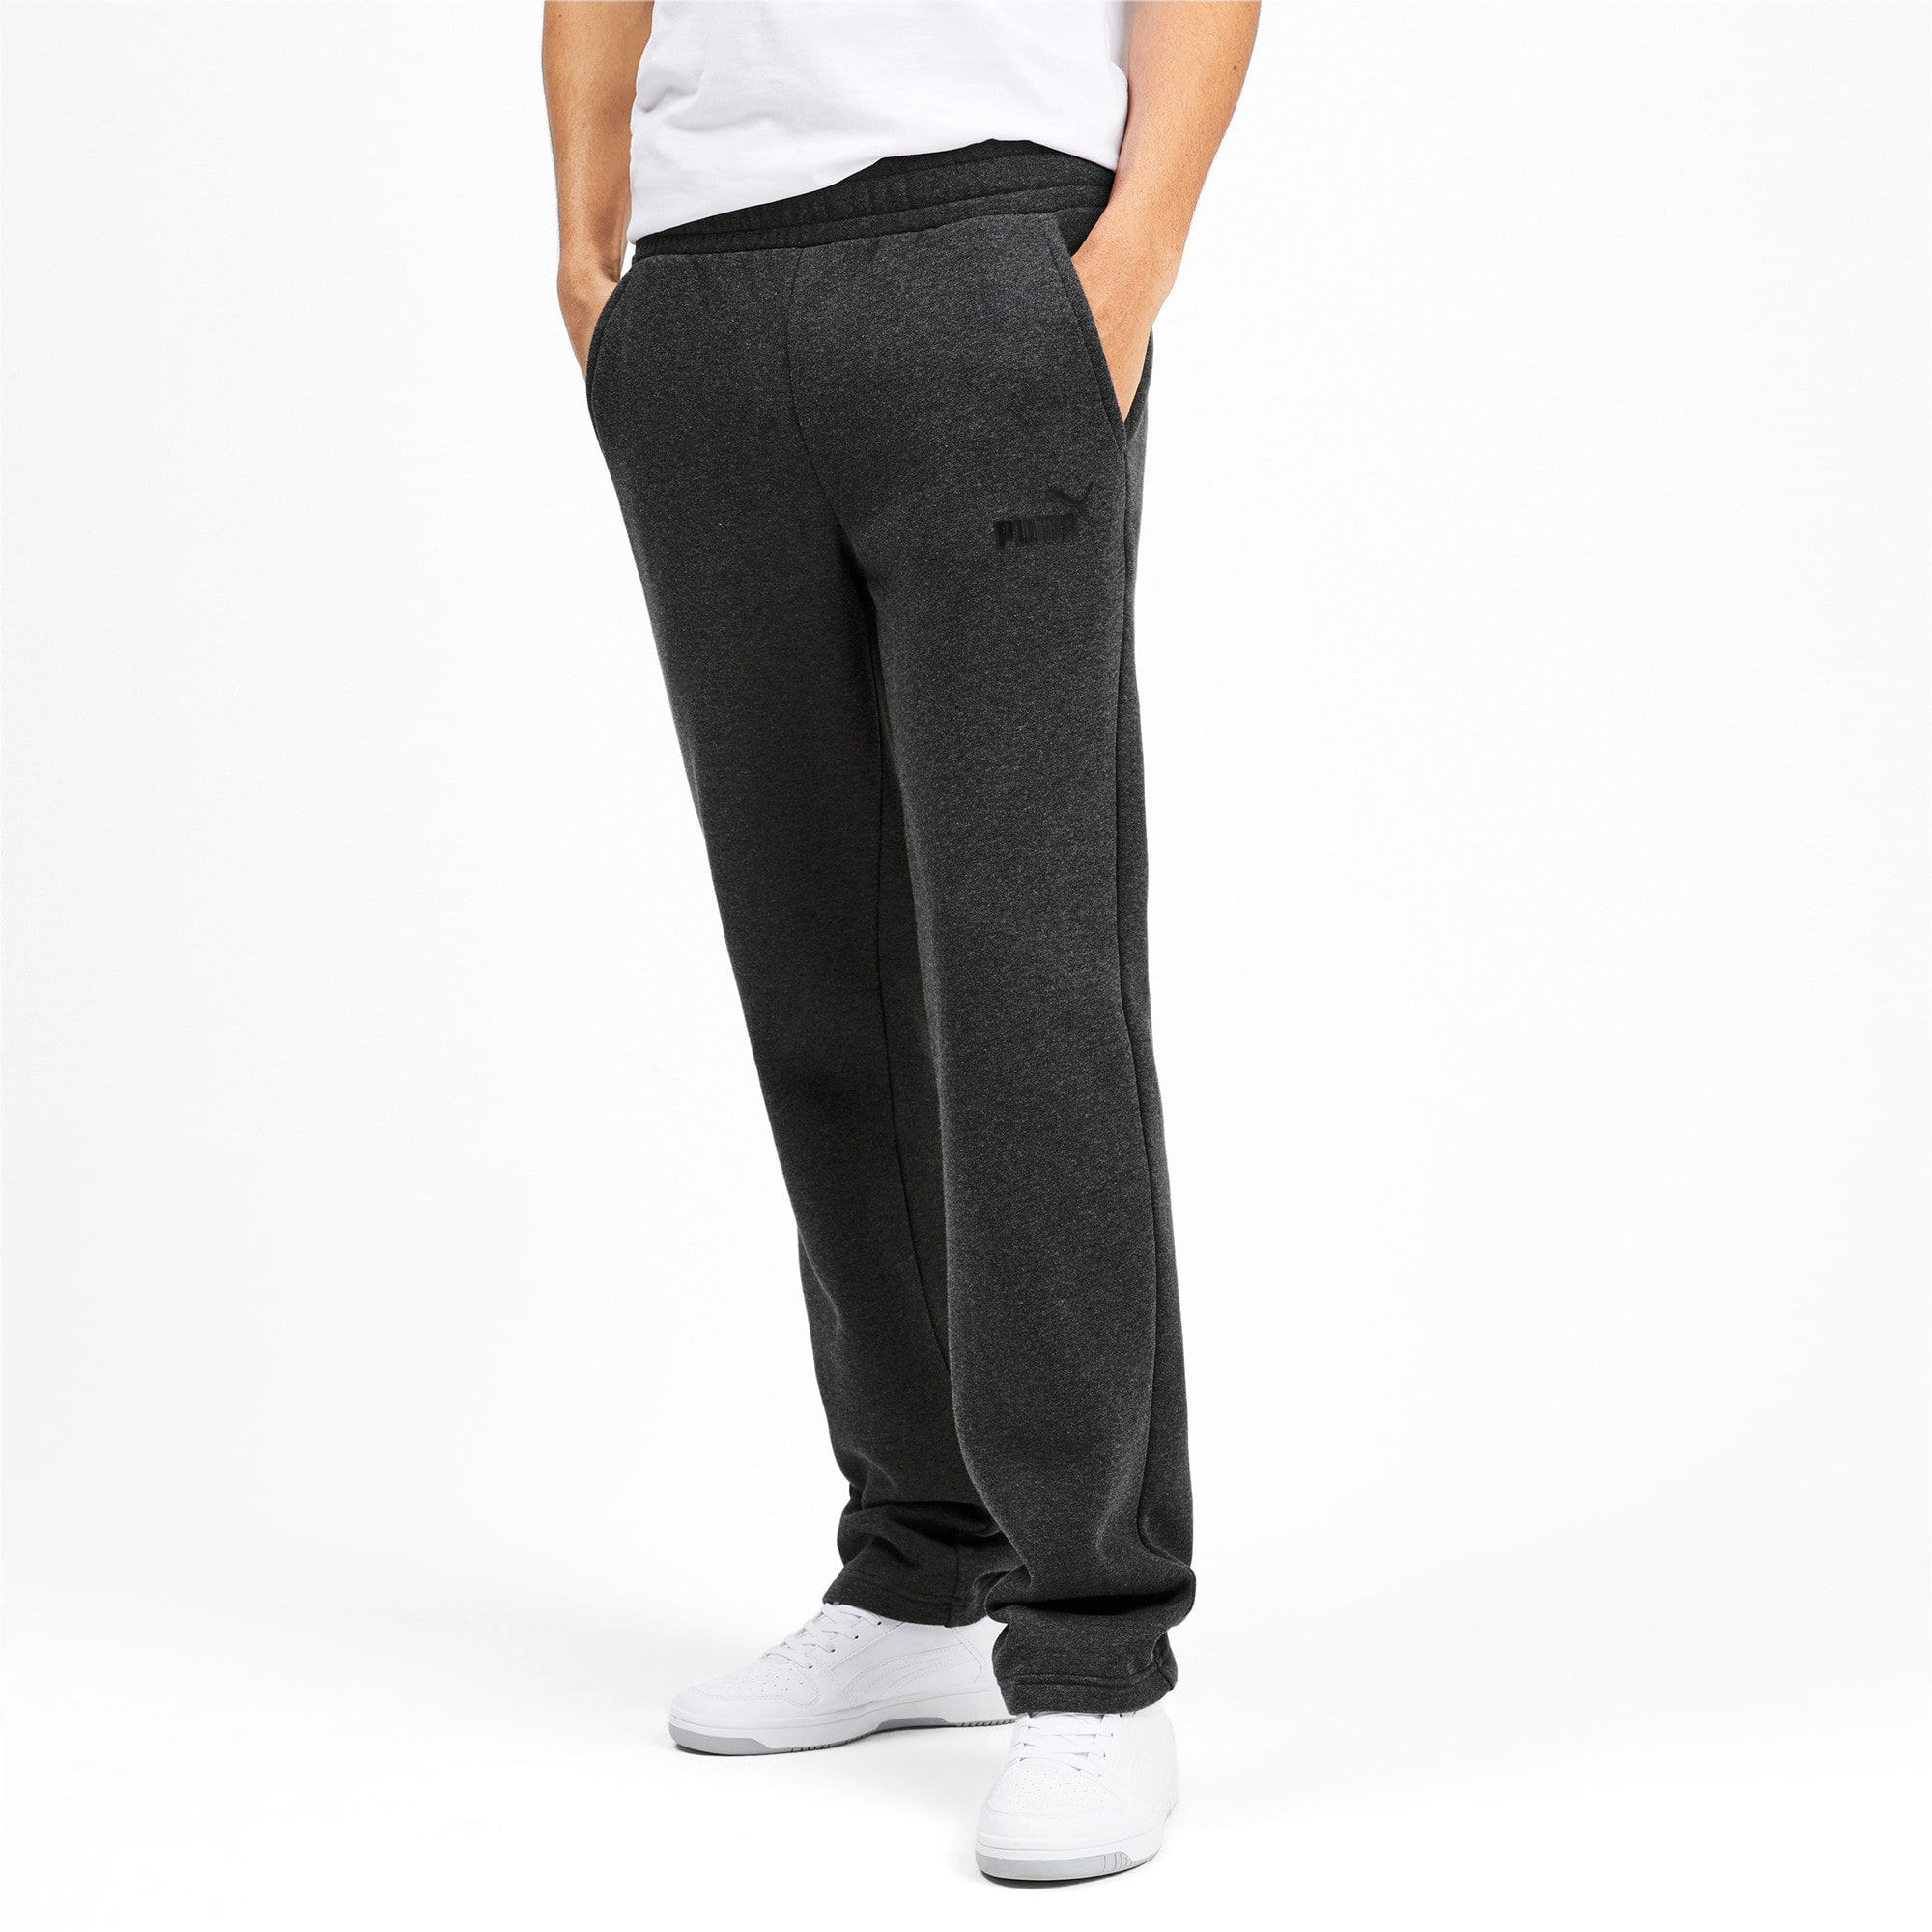 Thumbnail 2 of Essentials Men's Fleece Pants, Dark Gray Heather, medium